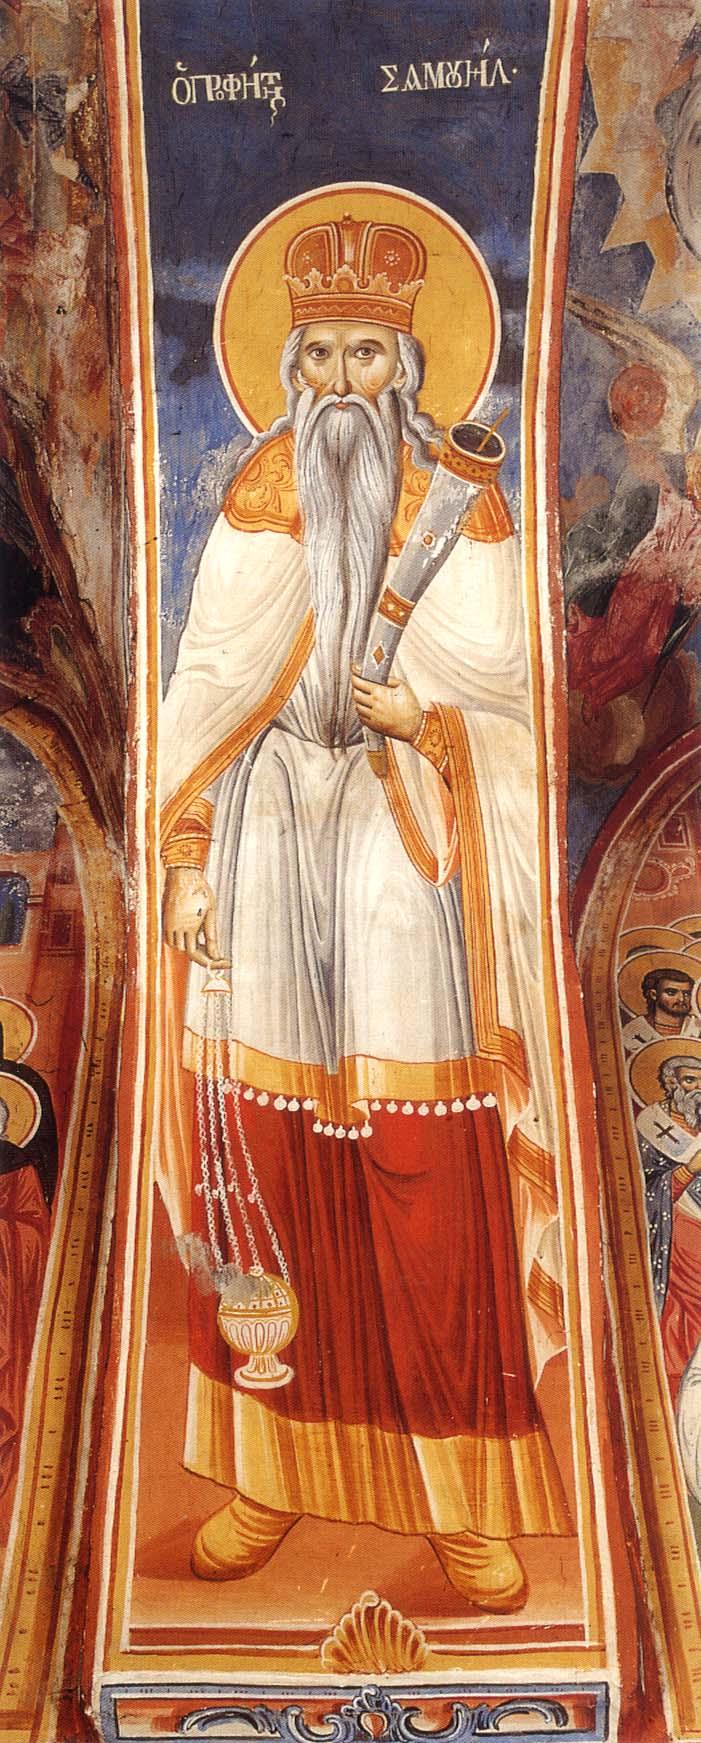 Ο προφήτης Σαμουήλ. Τοιχογραφία από τον πρόναο του παρεκκλησίου του αγίου Νικολάου στην Ιερά Μεγίστη Μονή Βατοπαιδίου.